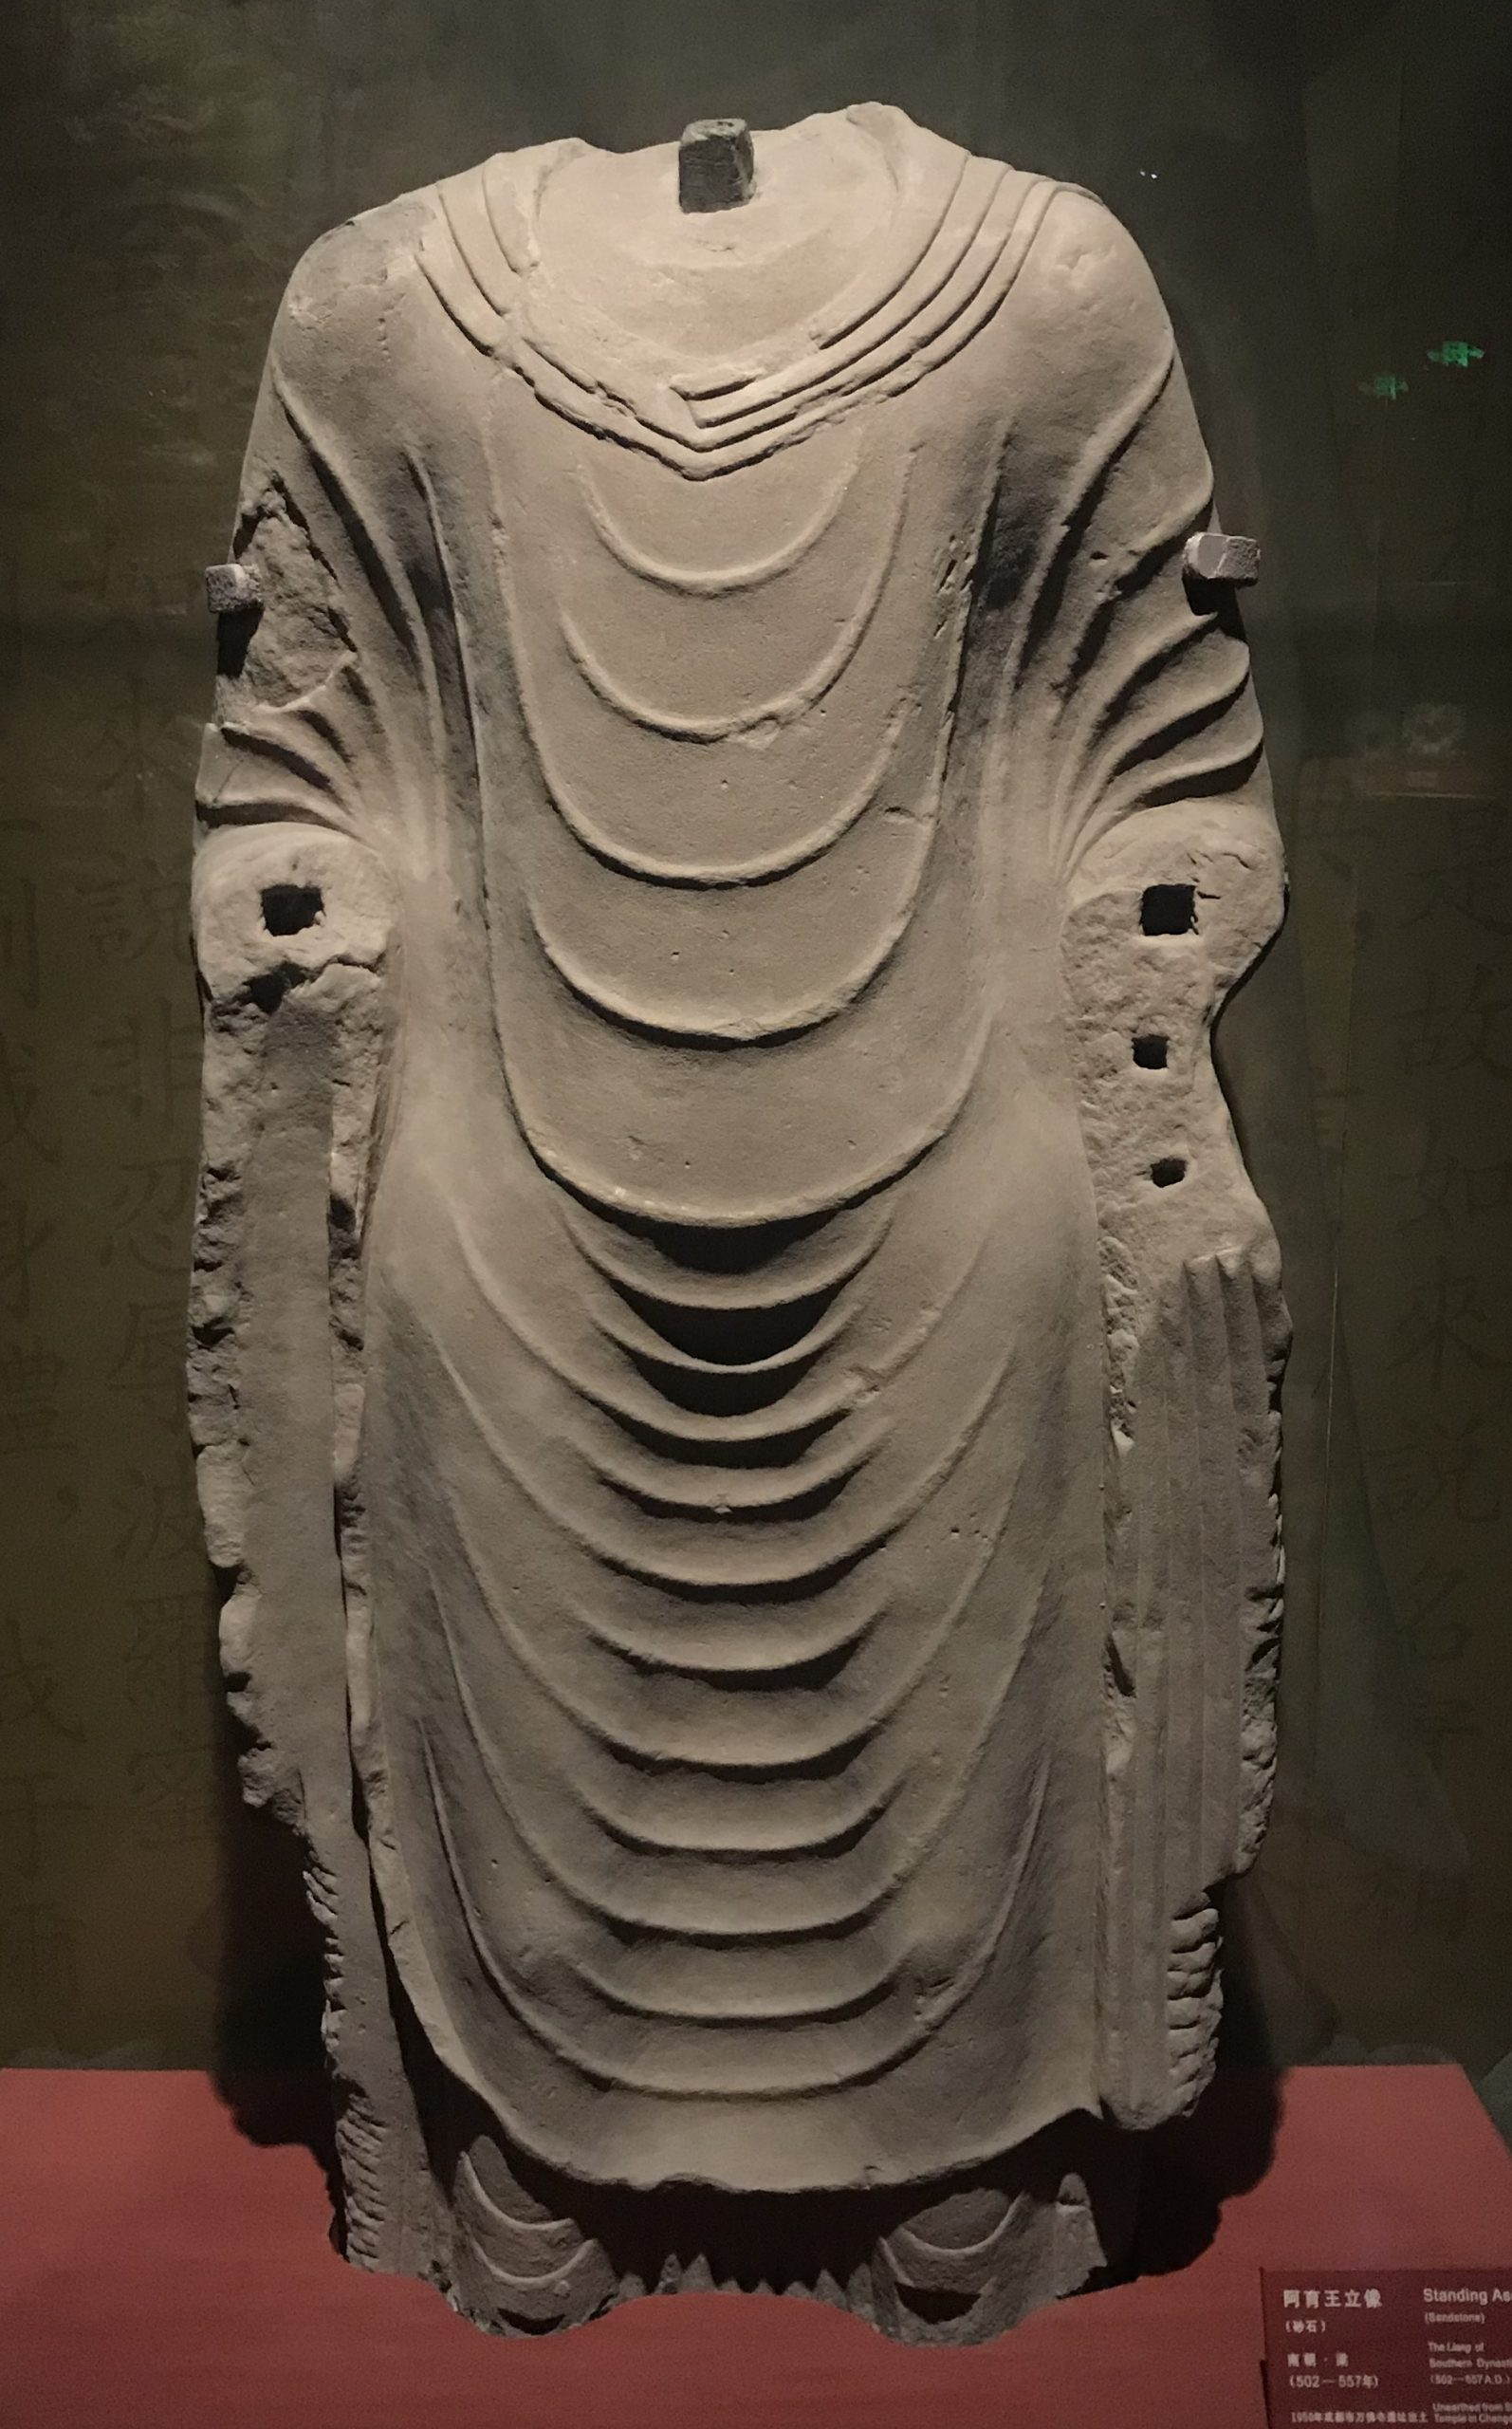 アショーカ立像4-南朝・梁-万仏寺遺跡-四川万仏寺石刻館-四川博物院-成都